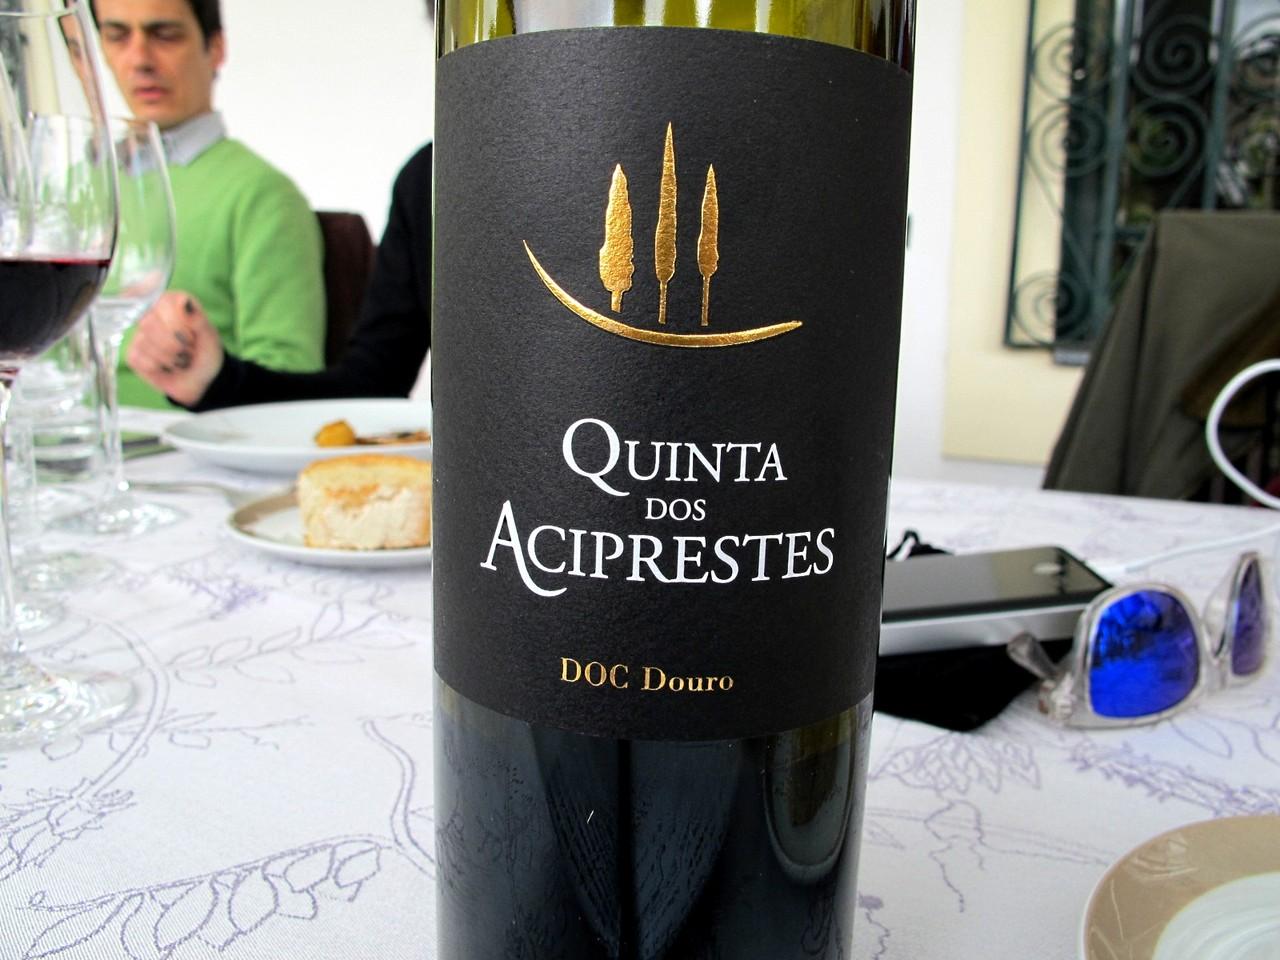 Quinta dos Aciprestes tinto 2011